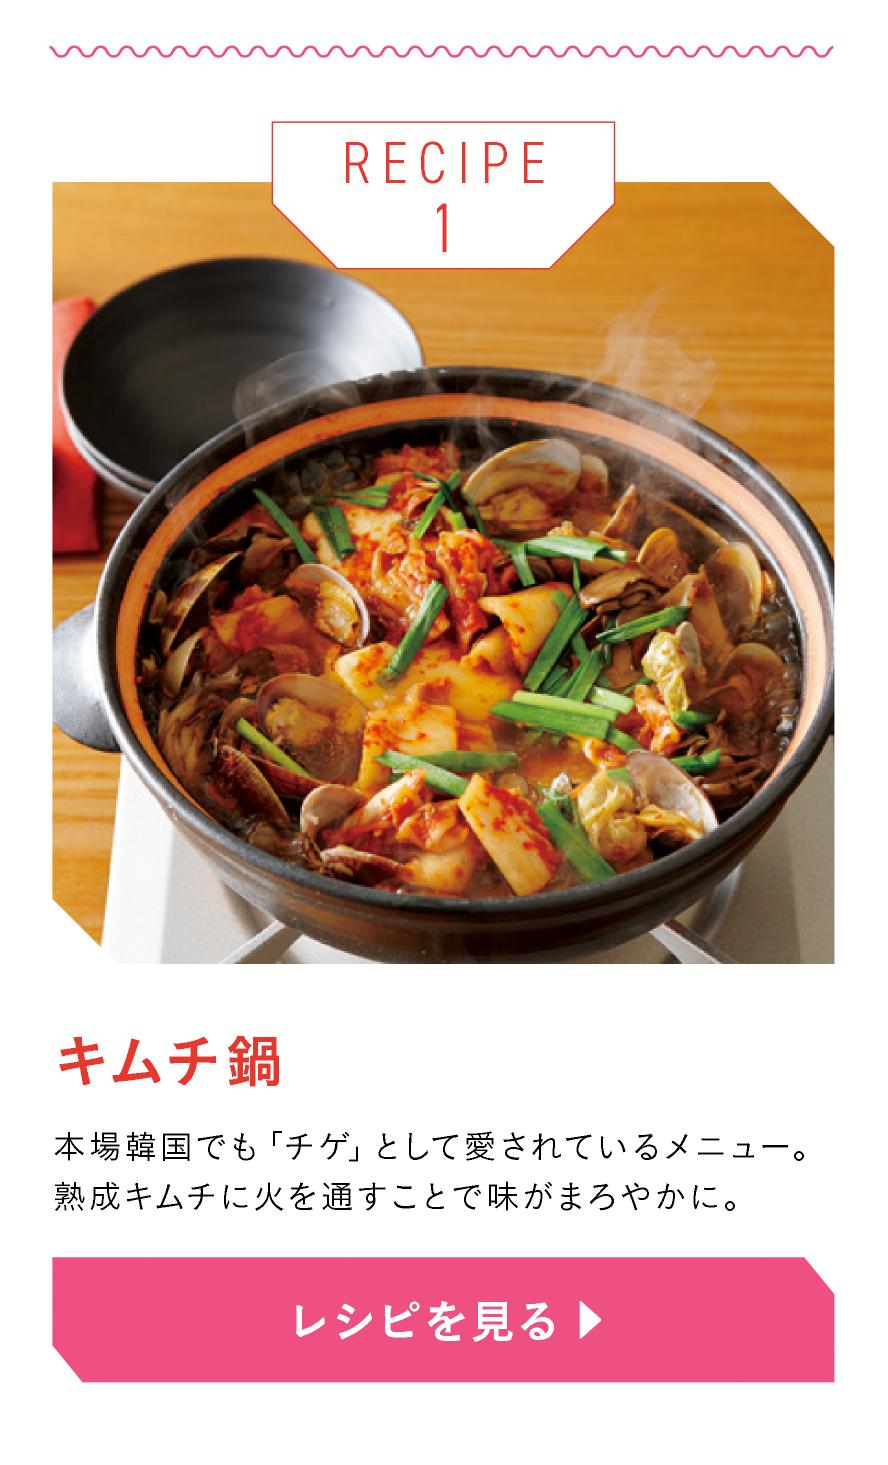 キムチ鍋 あさりのうまみをベースにした 魚介系キムチ鍋。